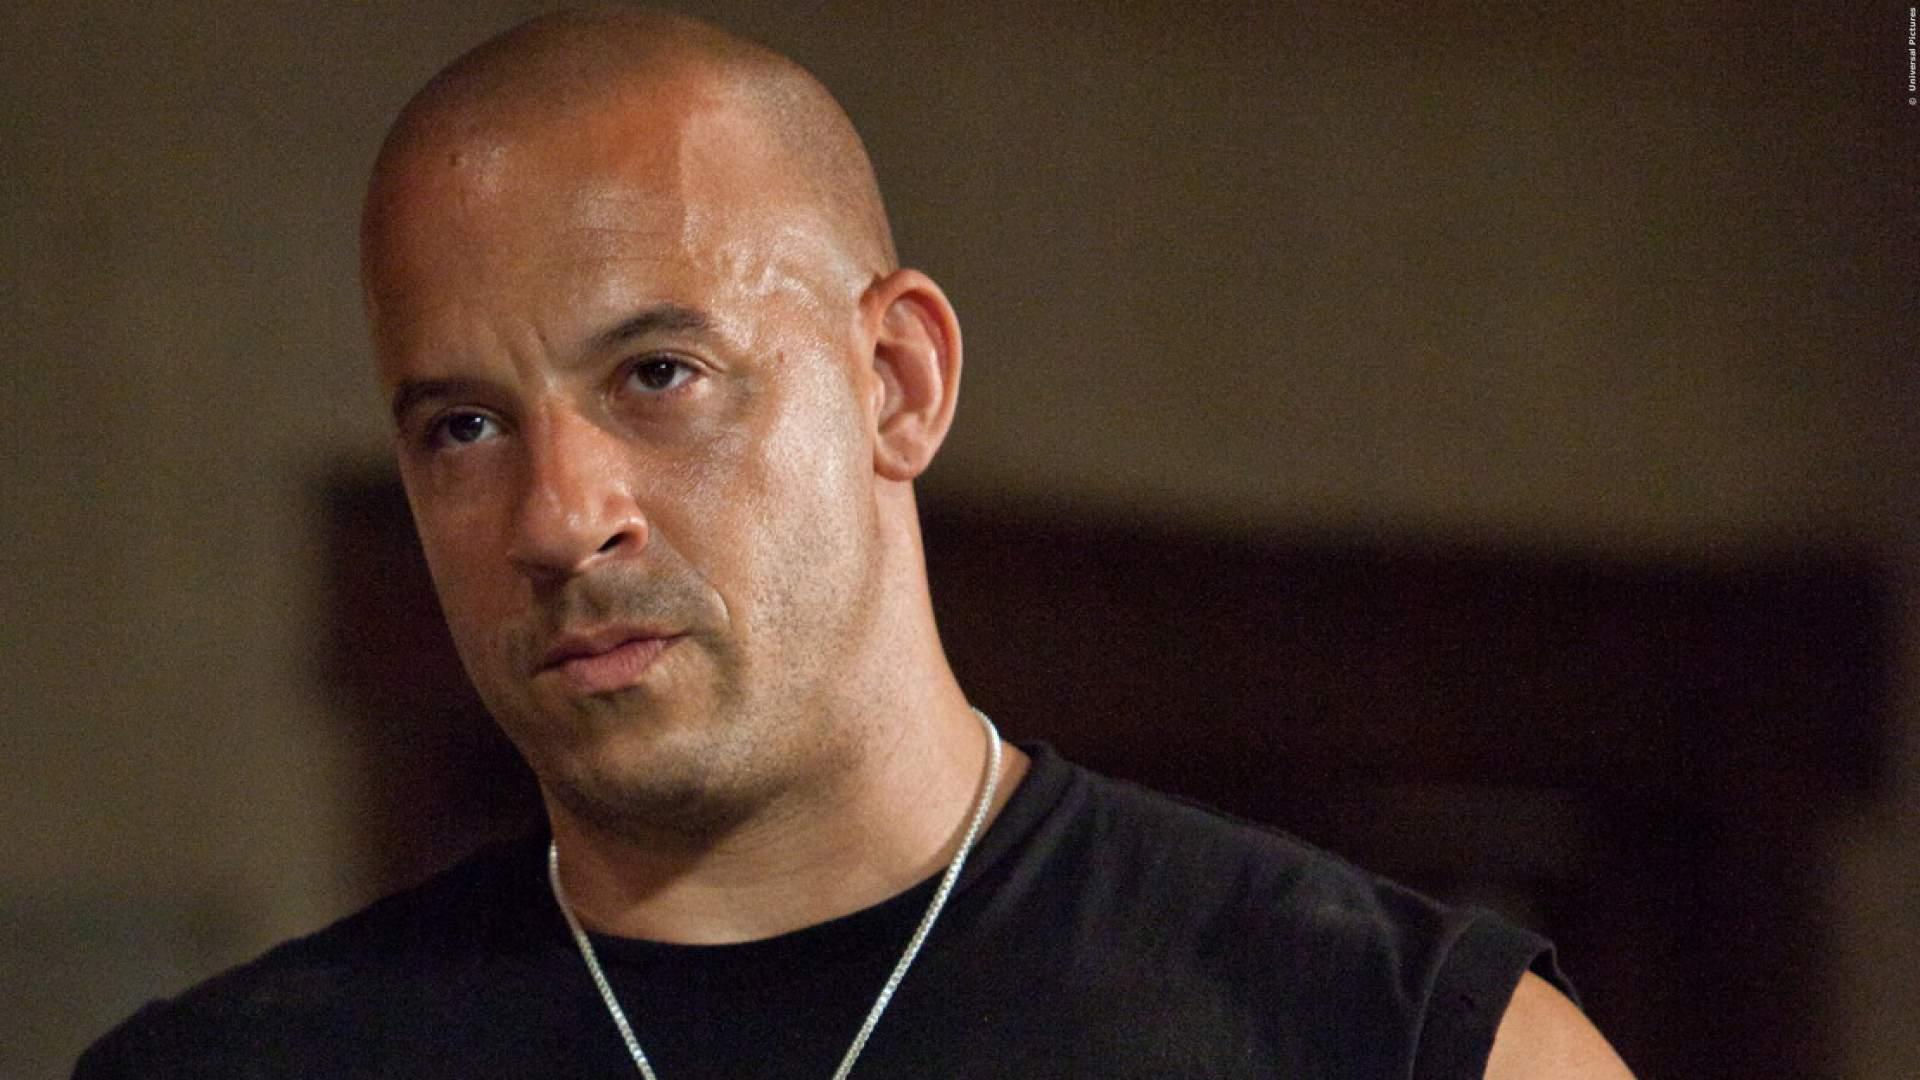 Vin Diesel in Fast and Furious - Bild 6 von 12